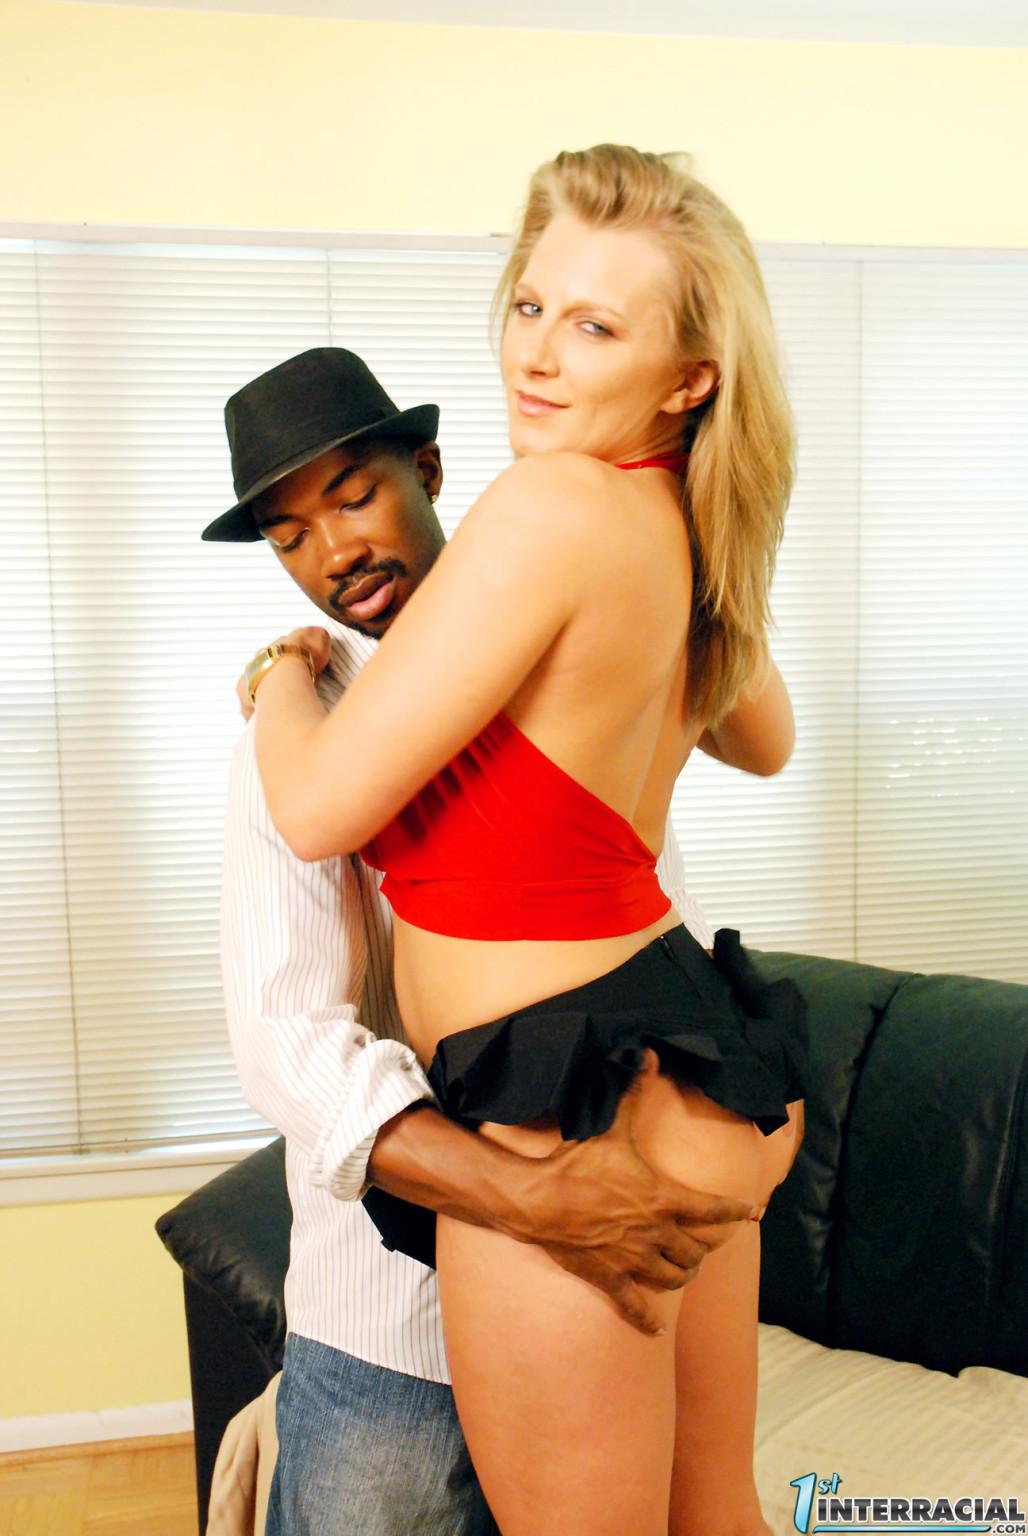 Порша Райд – красивая блондинка, которая трахается с негром, потому что ее привлекают большие черные члены